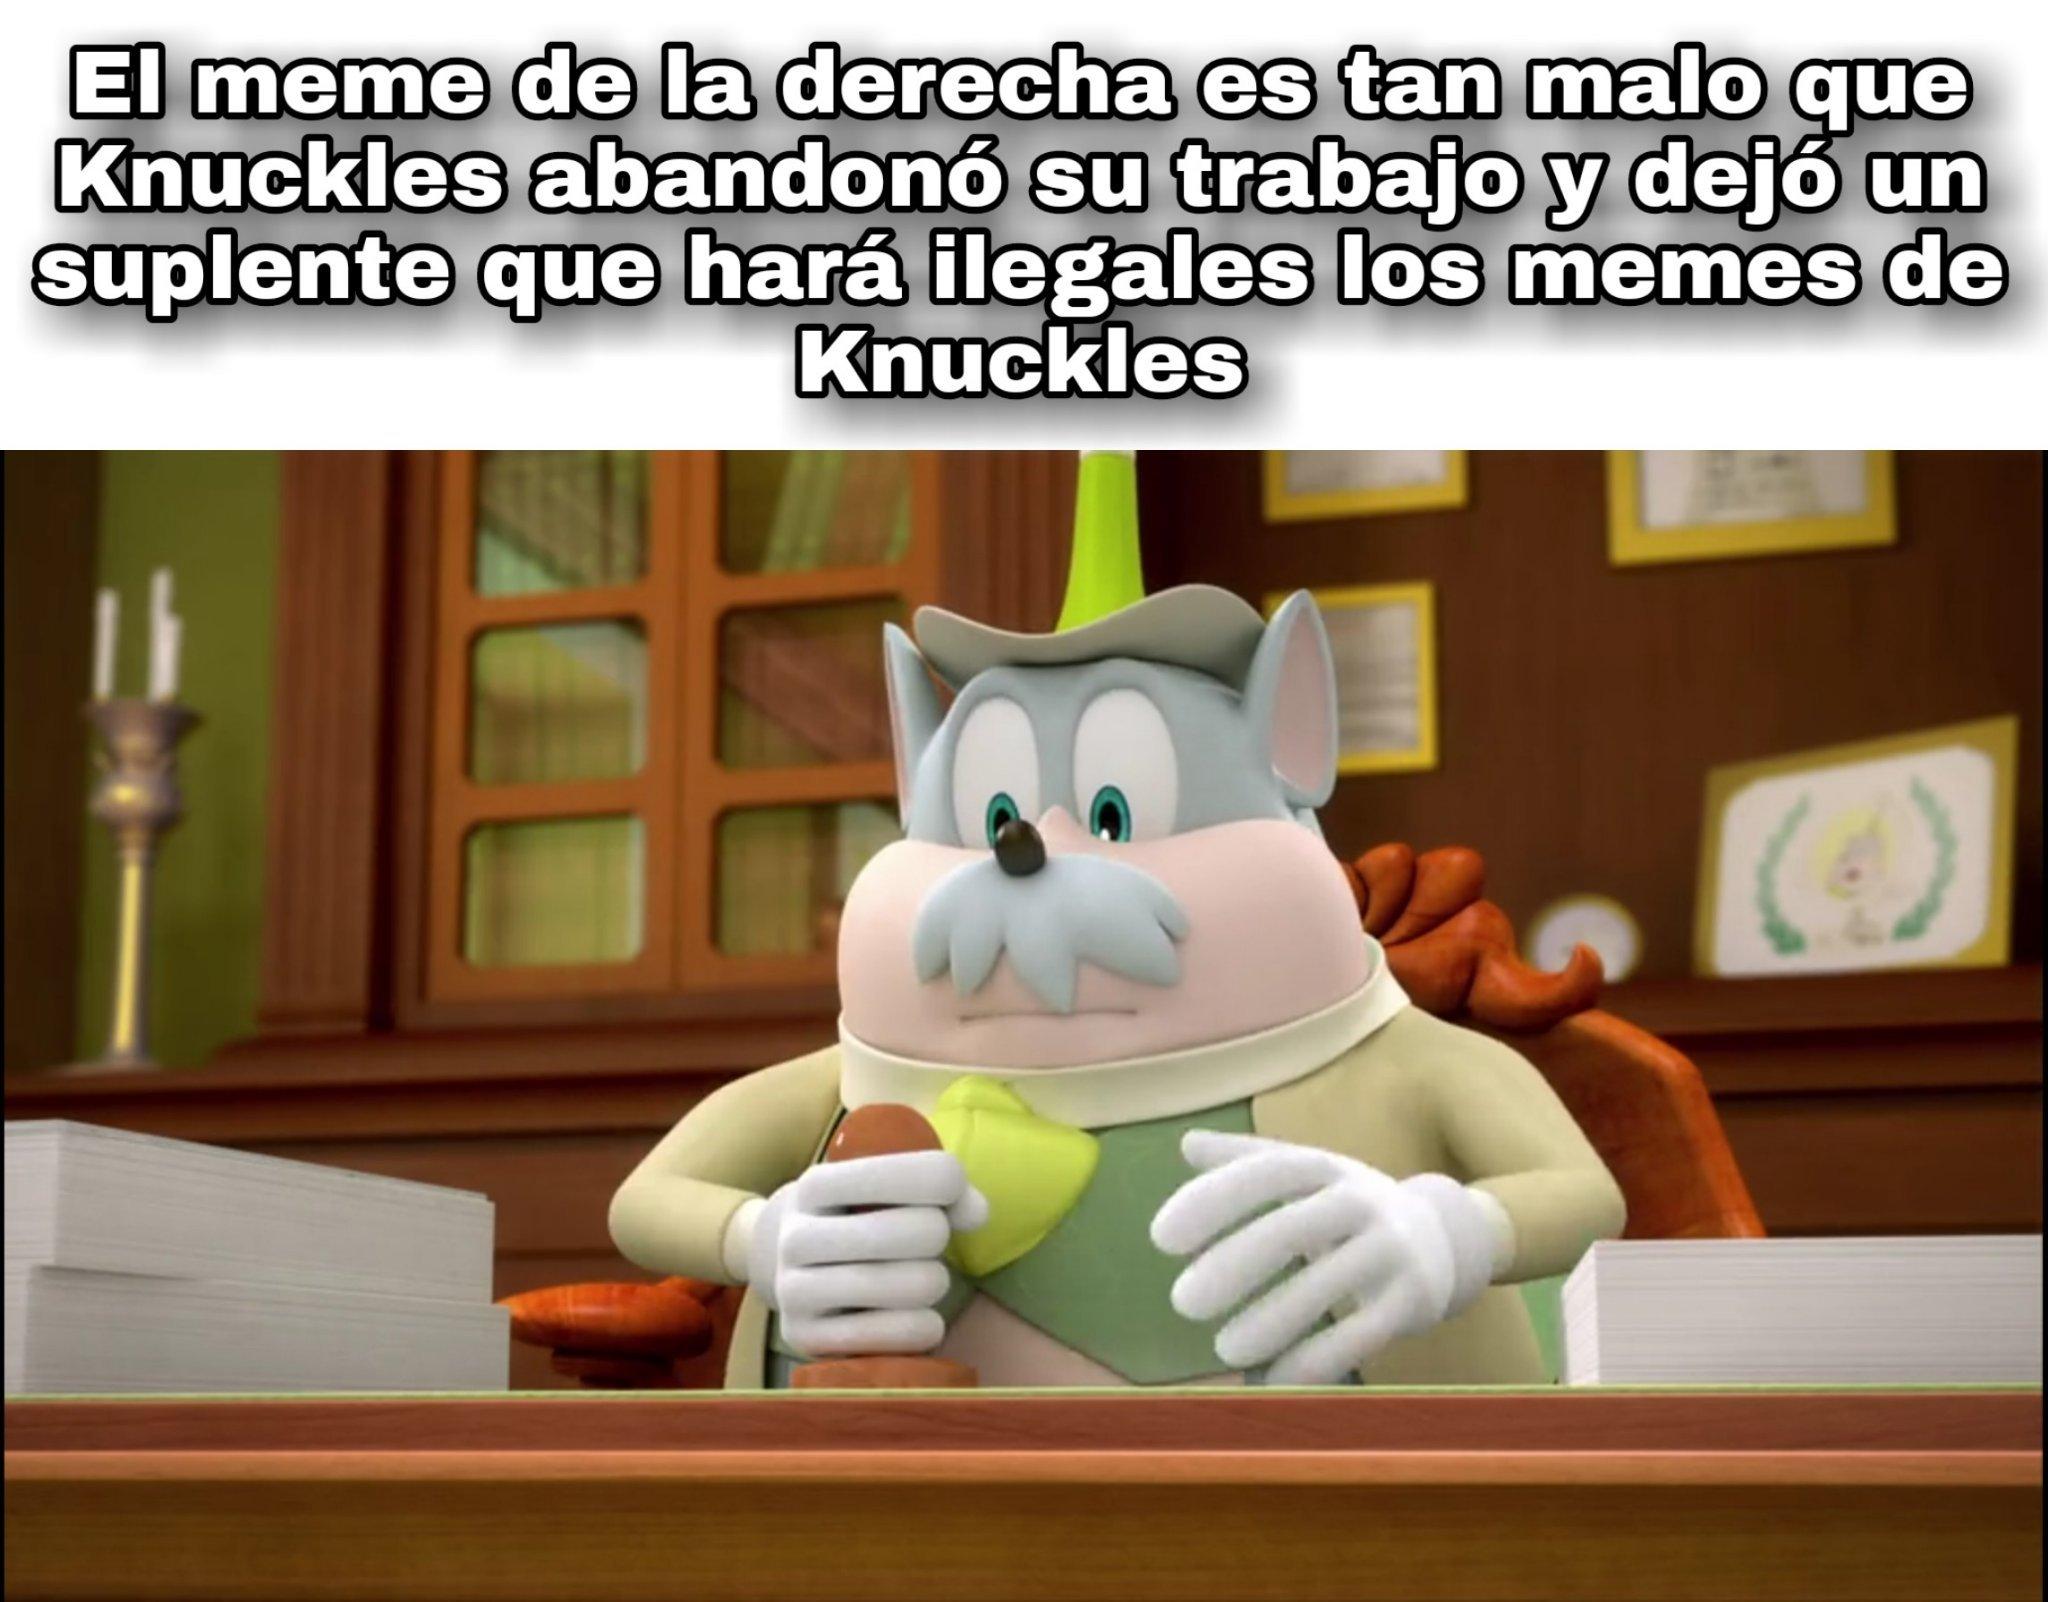 NoOOoO0o0o  Nacles:( - meme